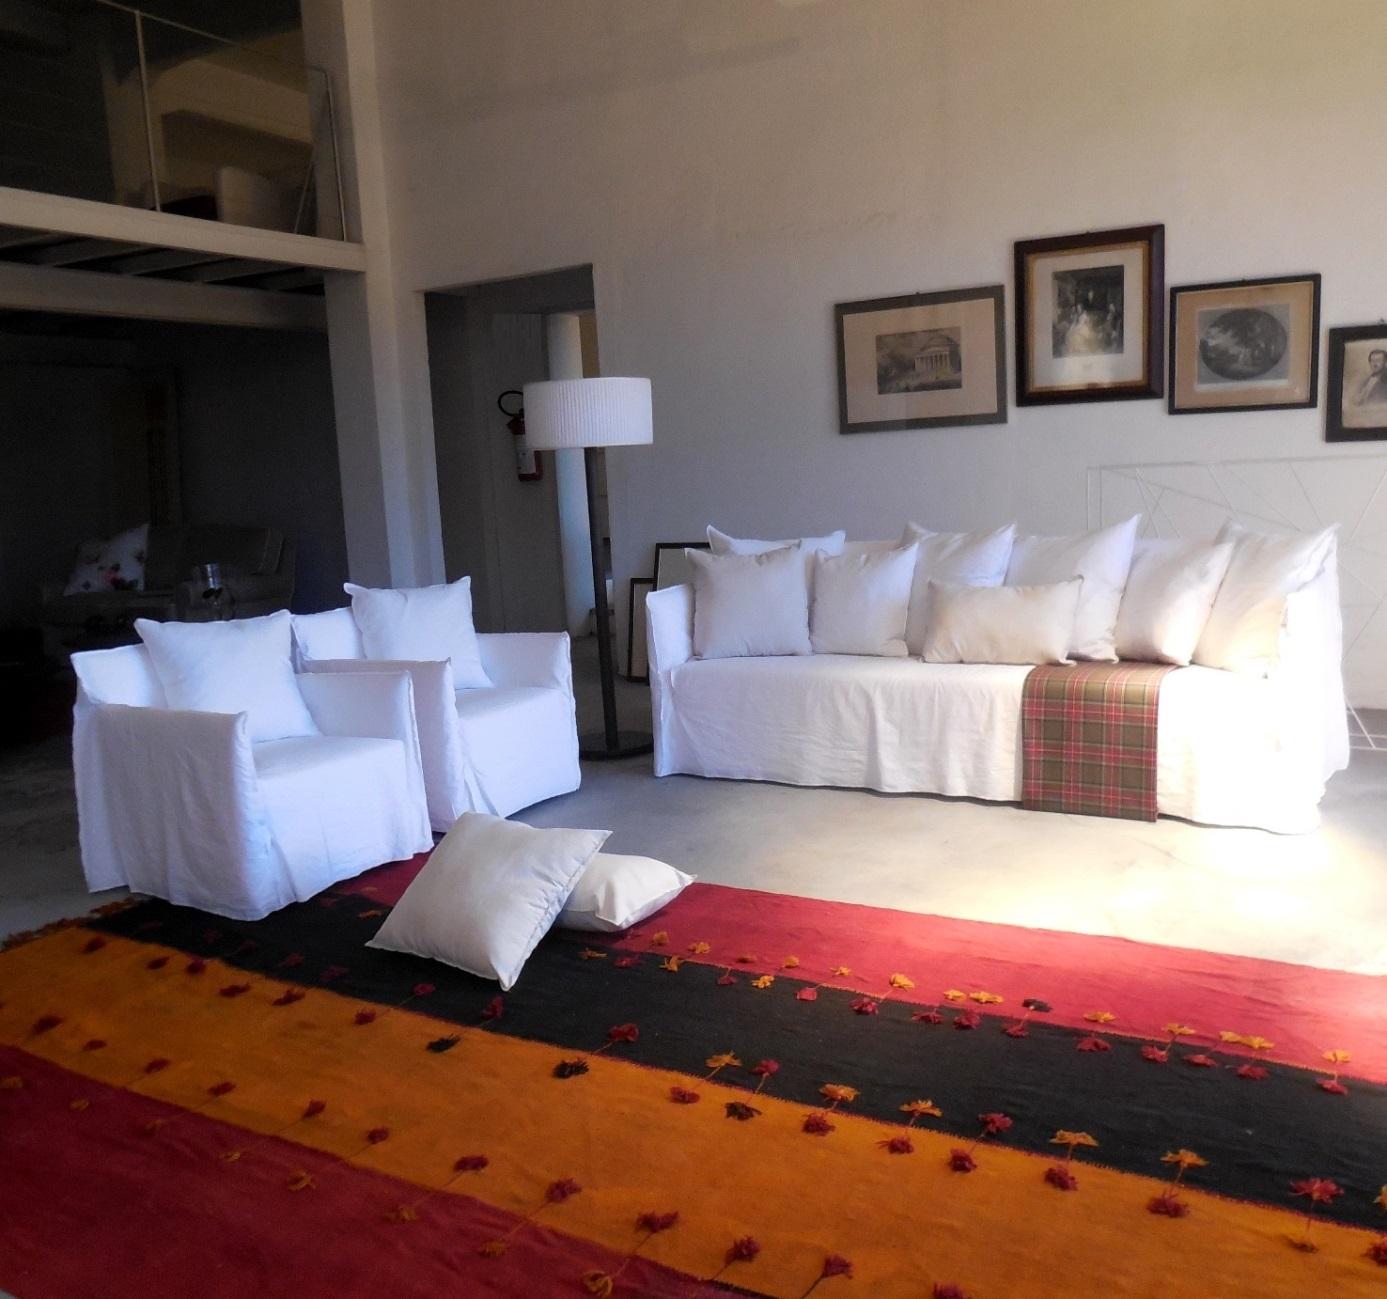 Gervasoni divano ghost divano e due poltrone design p - Mobili gervasoni ...